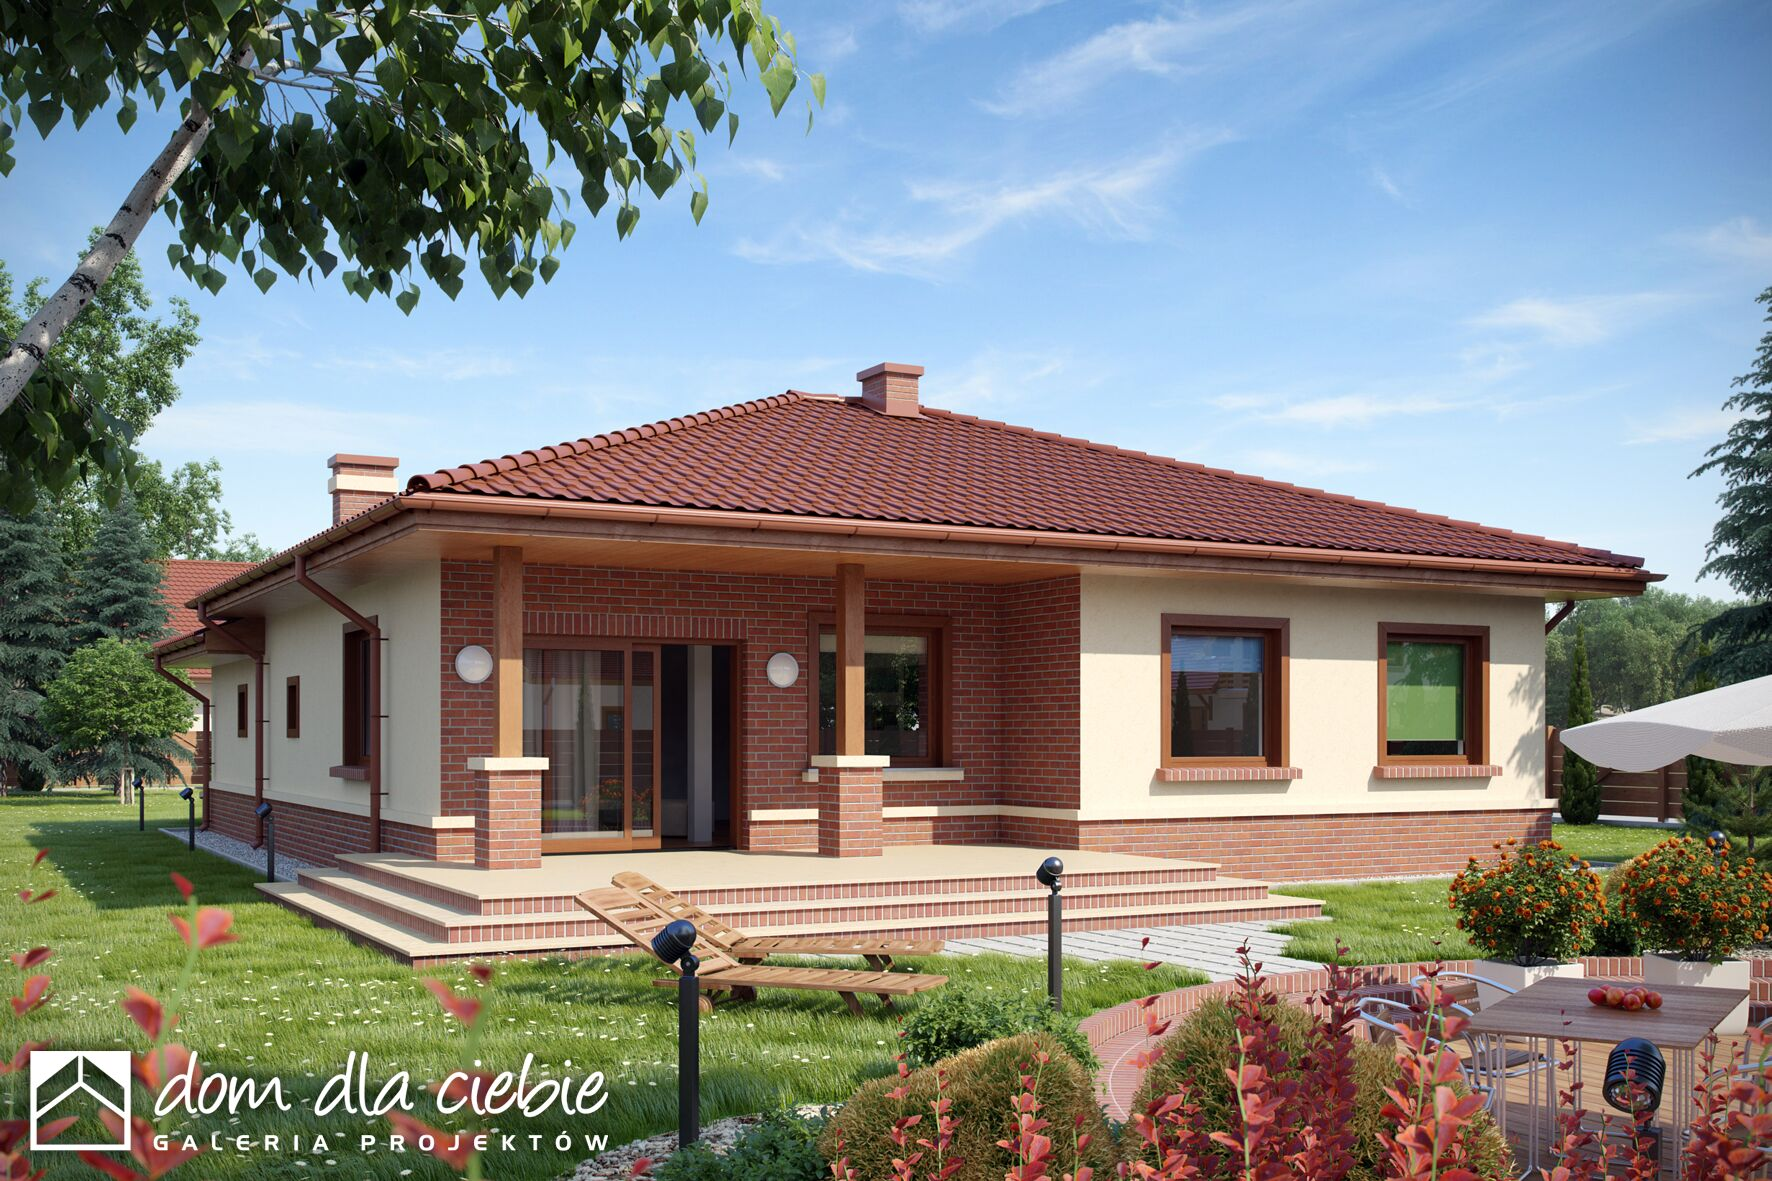 Projekt domu wr bel wariant a dom dla ciebie - Que ver en la casa de campo ...